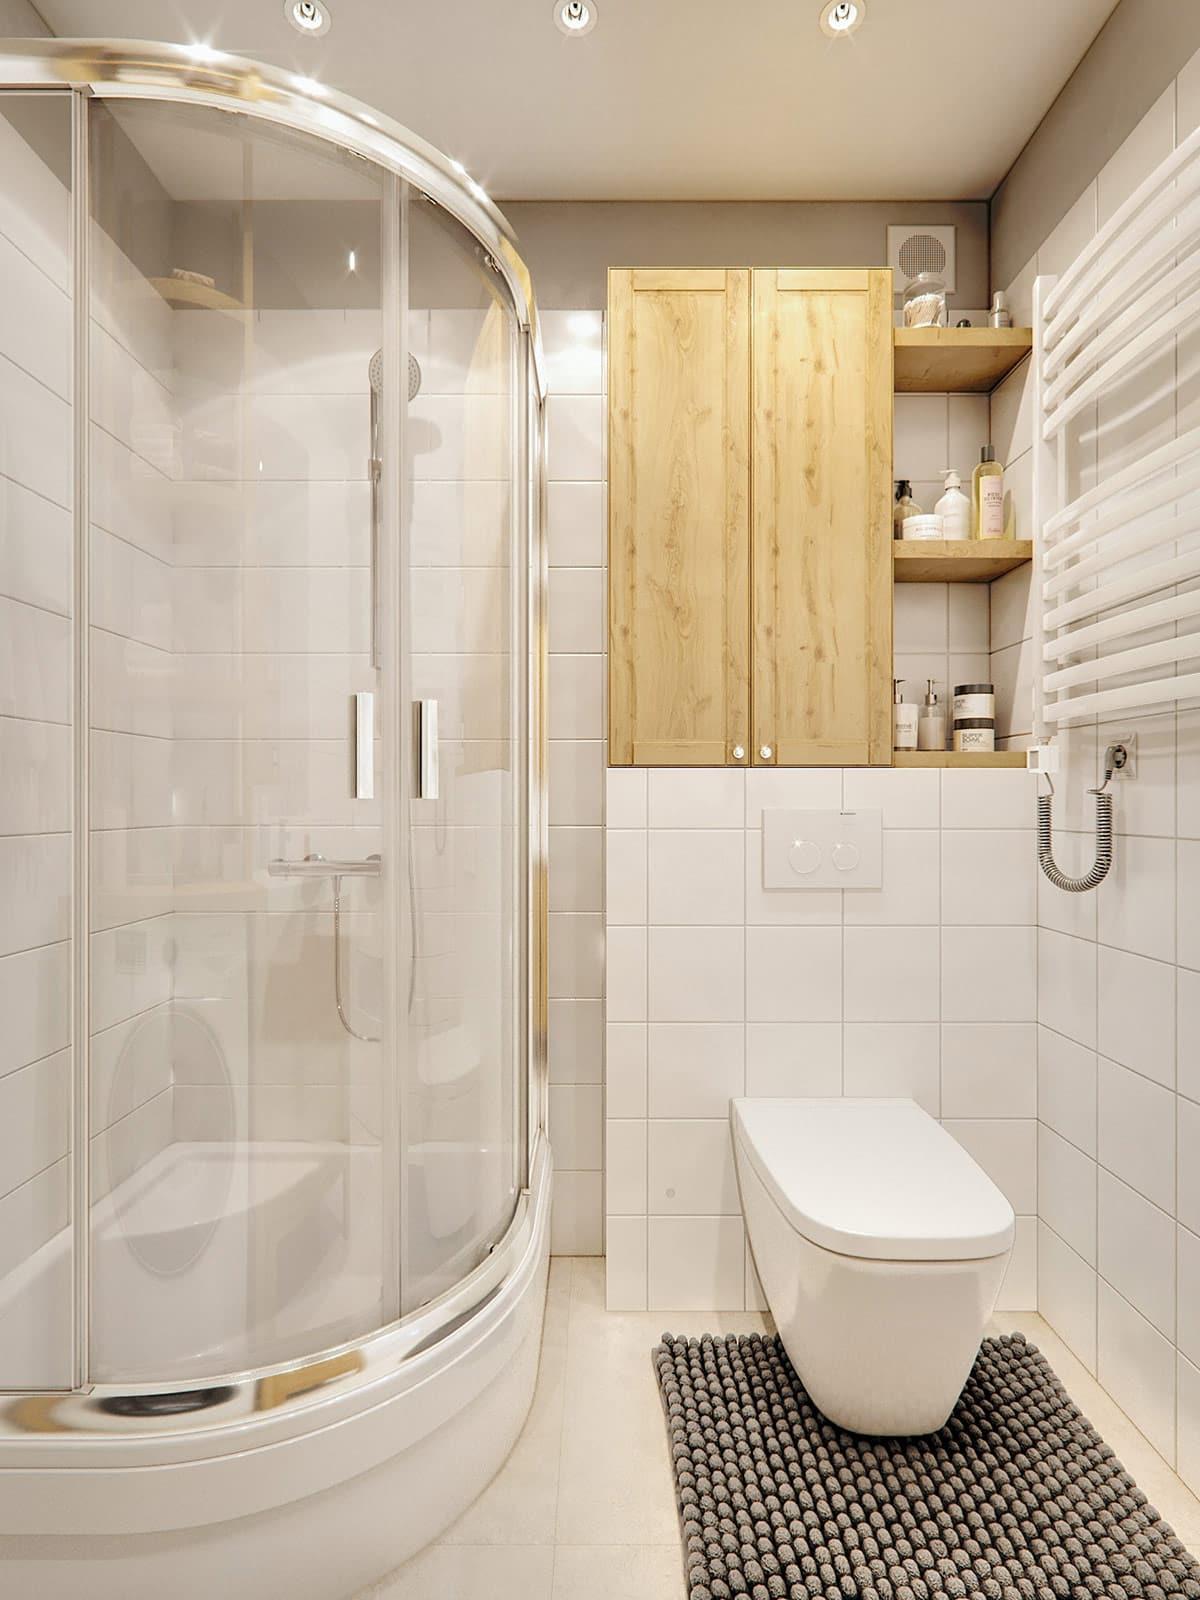 conception d'un petit appartement photo 24